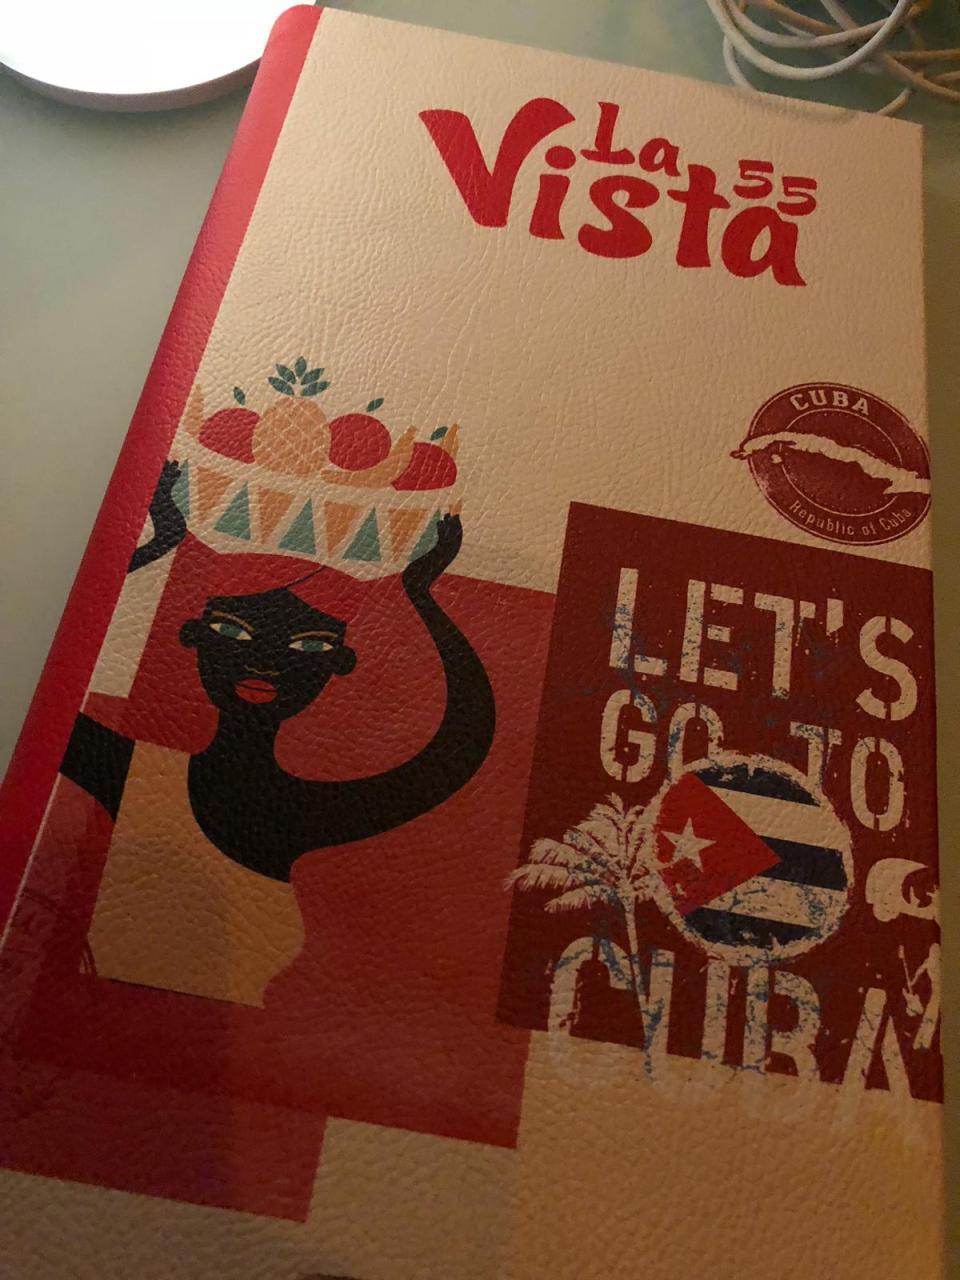 La Vista 55 happy hours in Doha